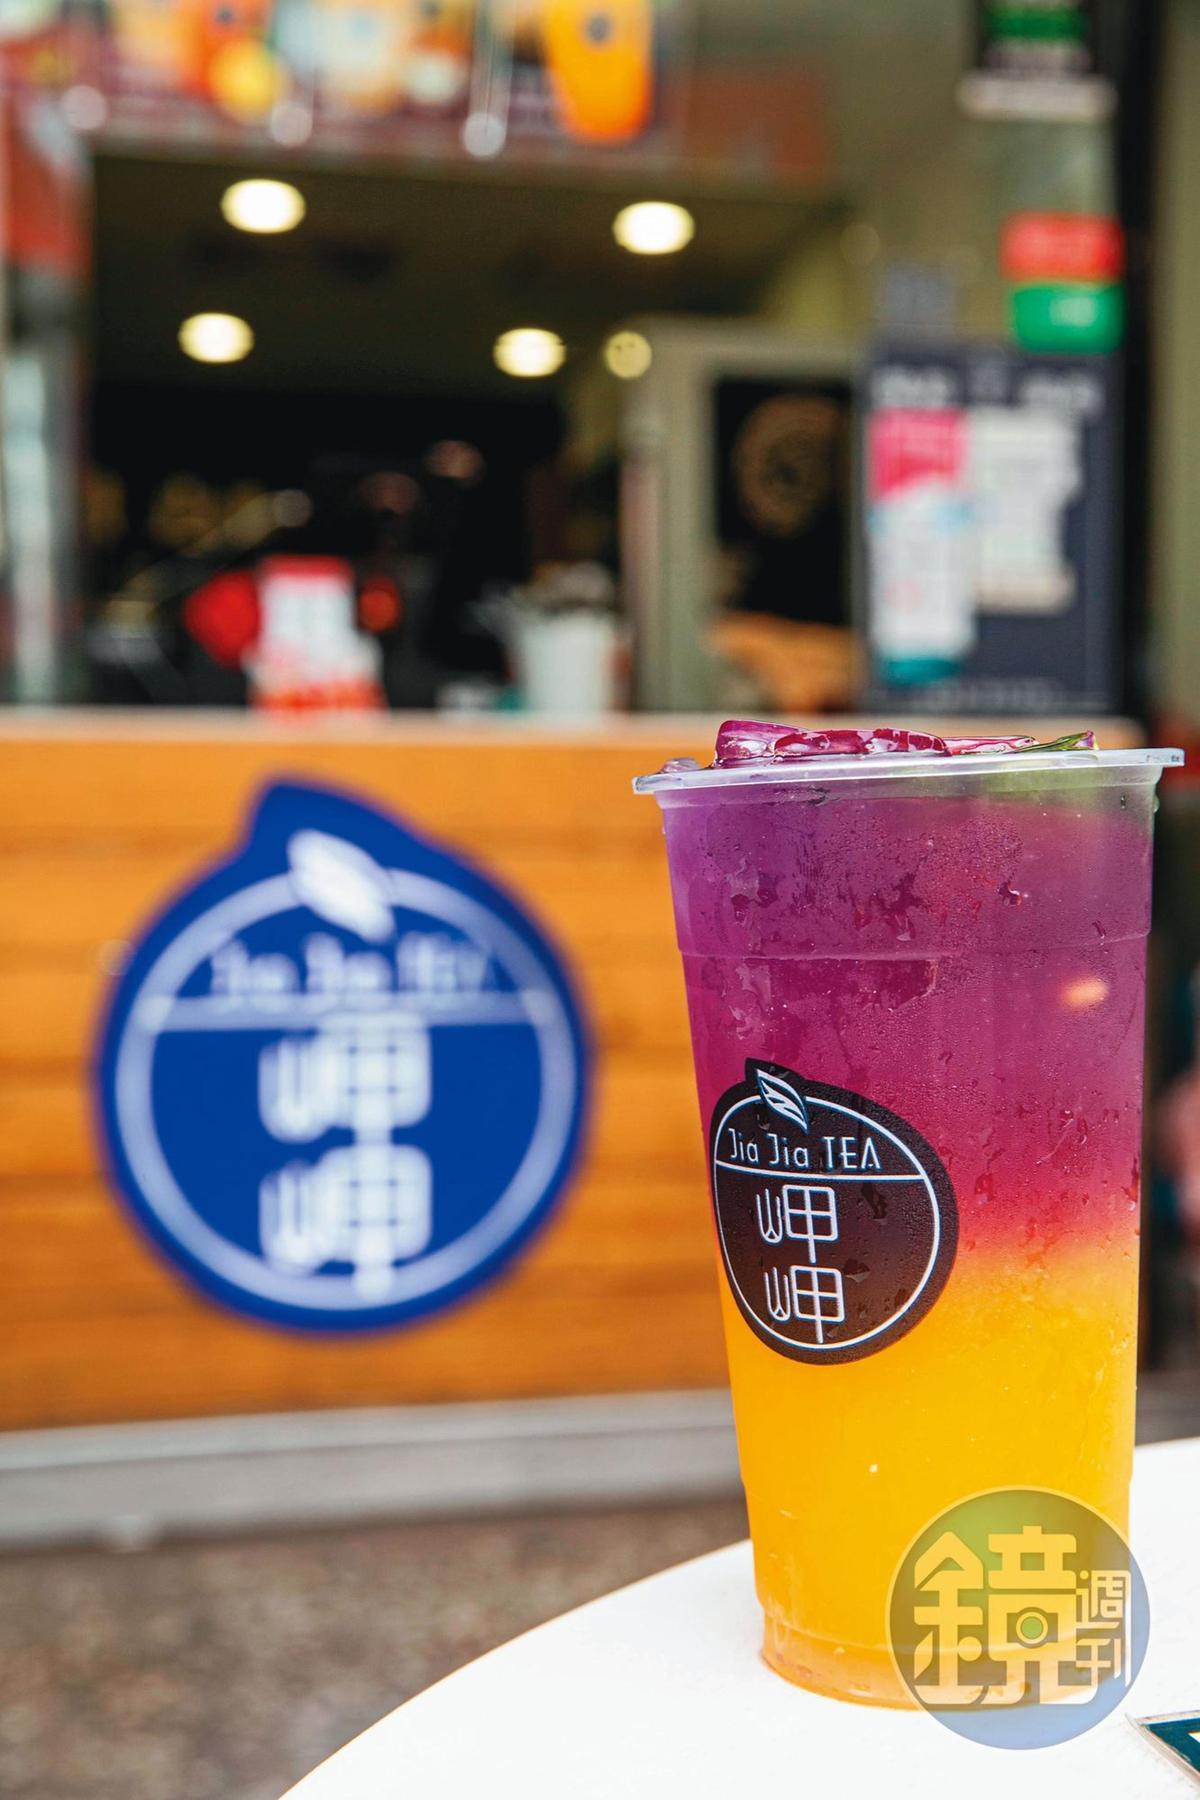 因吳念忠是金門人,旗下茶飲品牌還有一款以蝶豆花研發的飲品,呈現金門藍眼淚的奇景。(藍眼淚-午後豔陽,75元/杯)